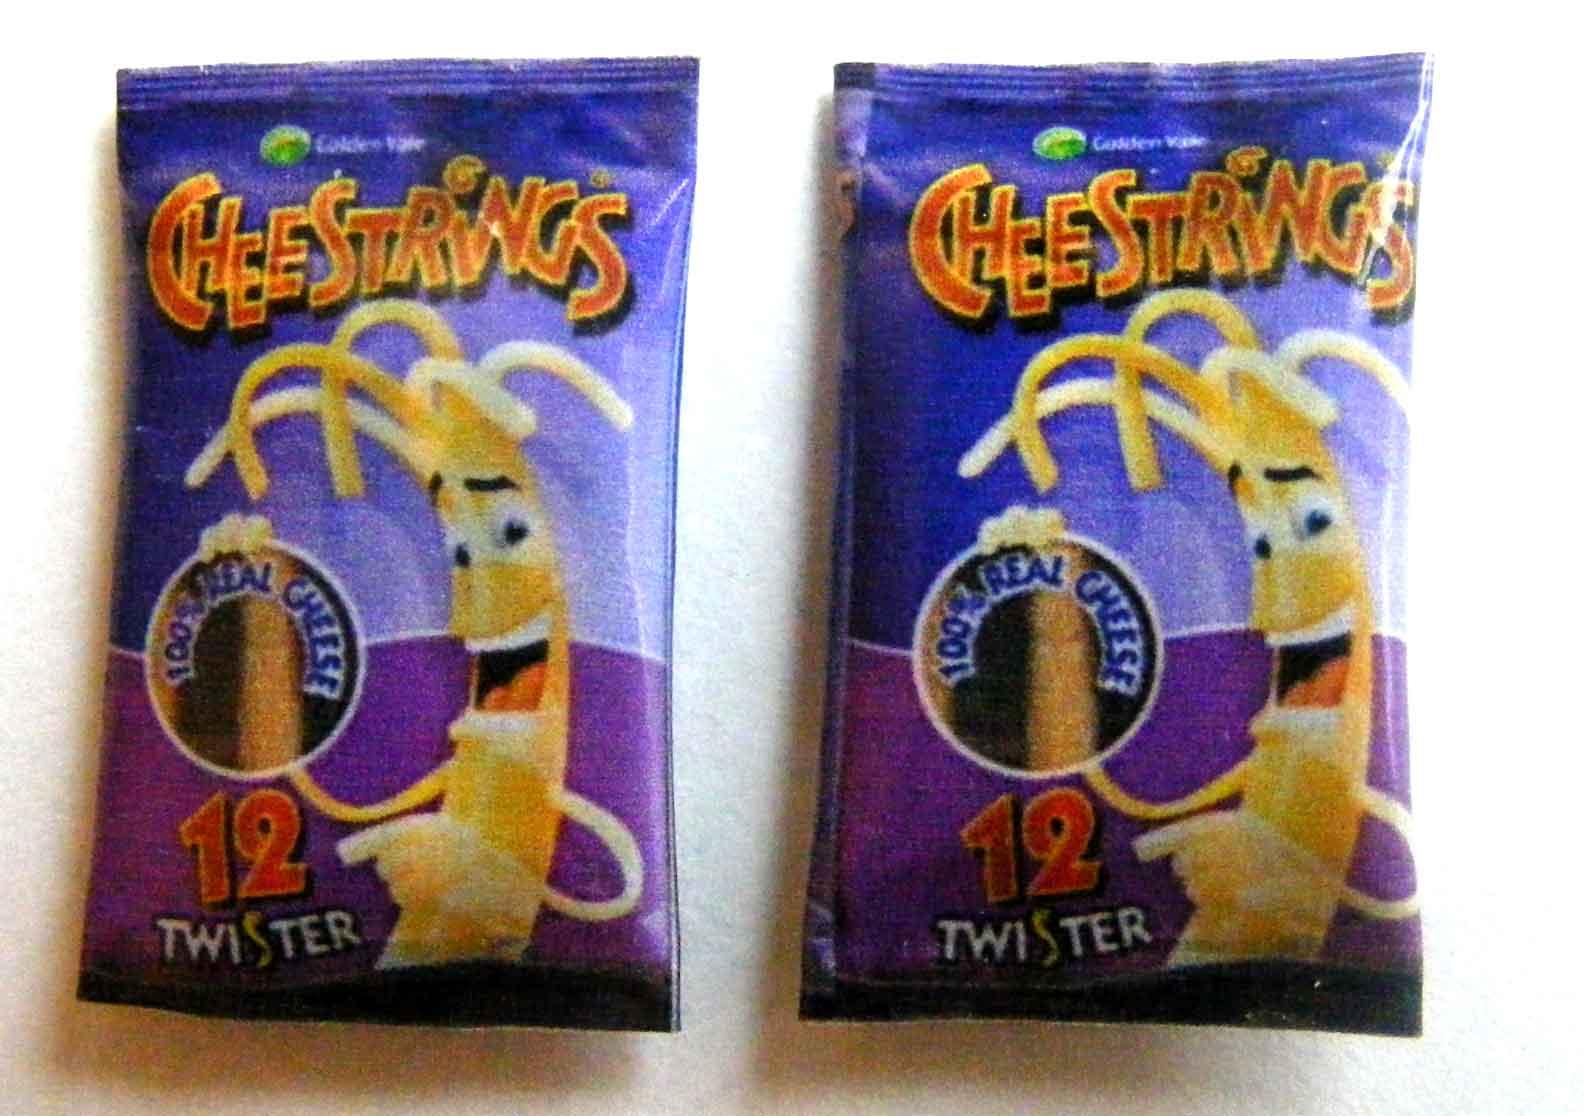 Of nog beter: cheese strings